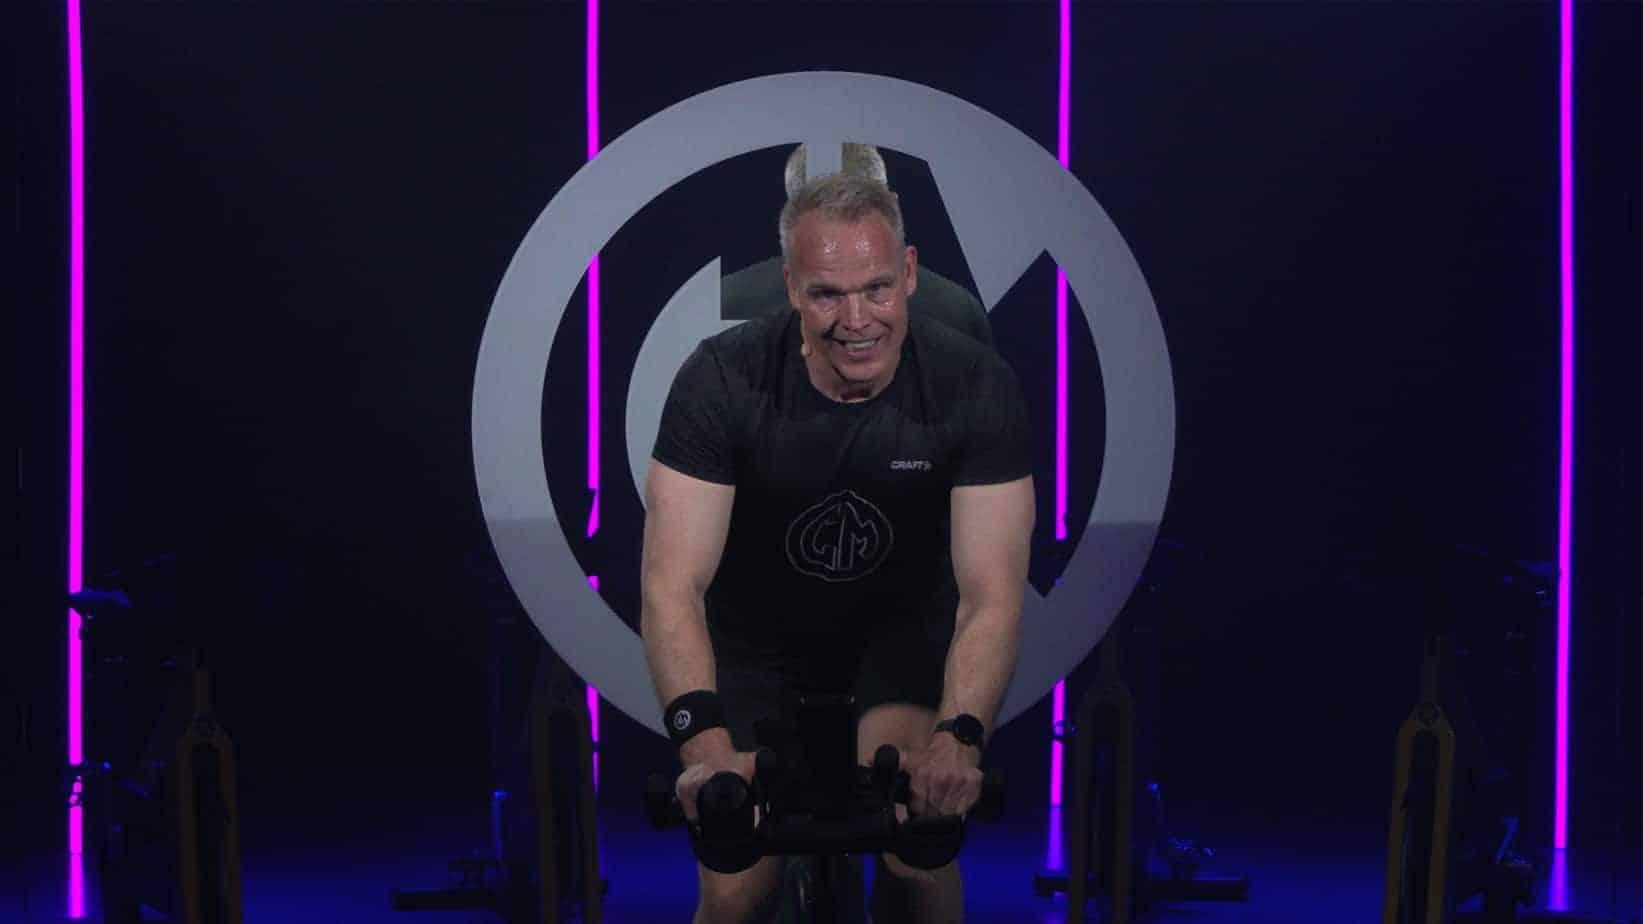 Cycling instructor Evert van der Zee